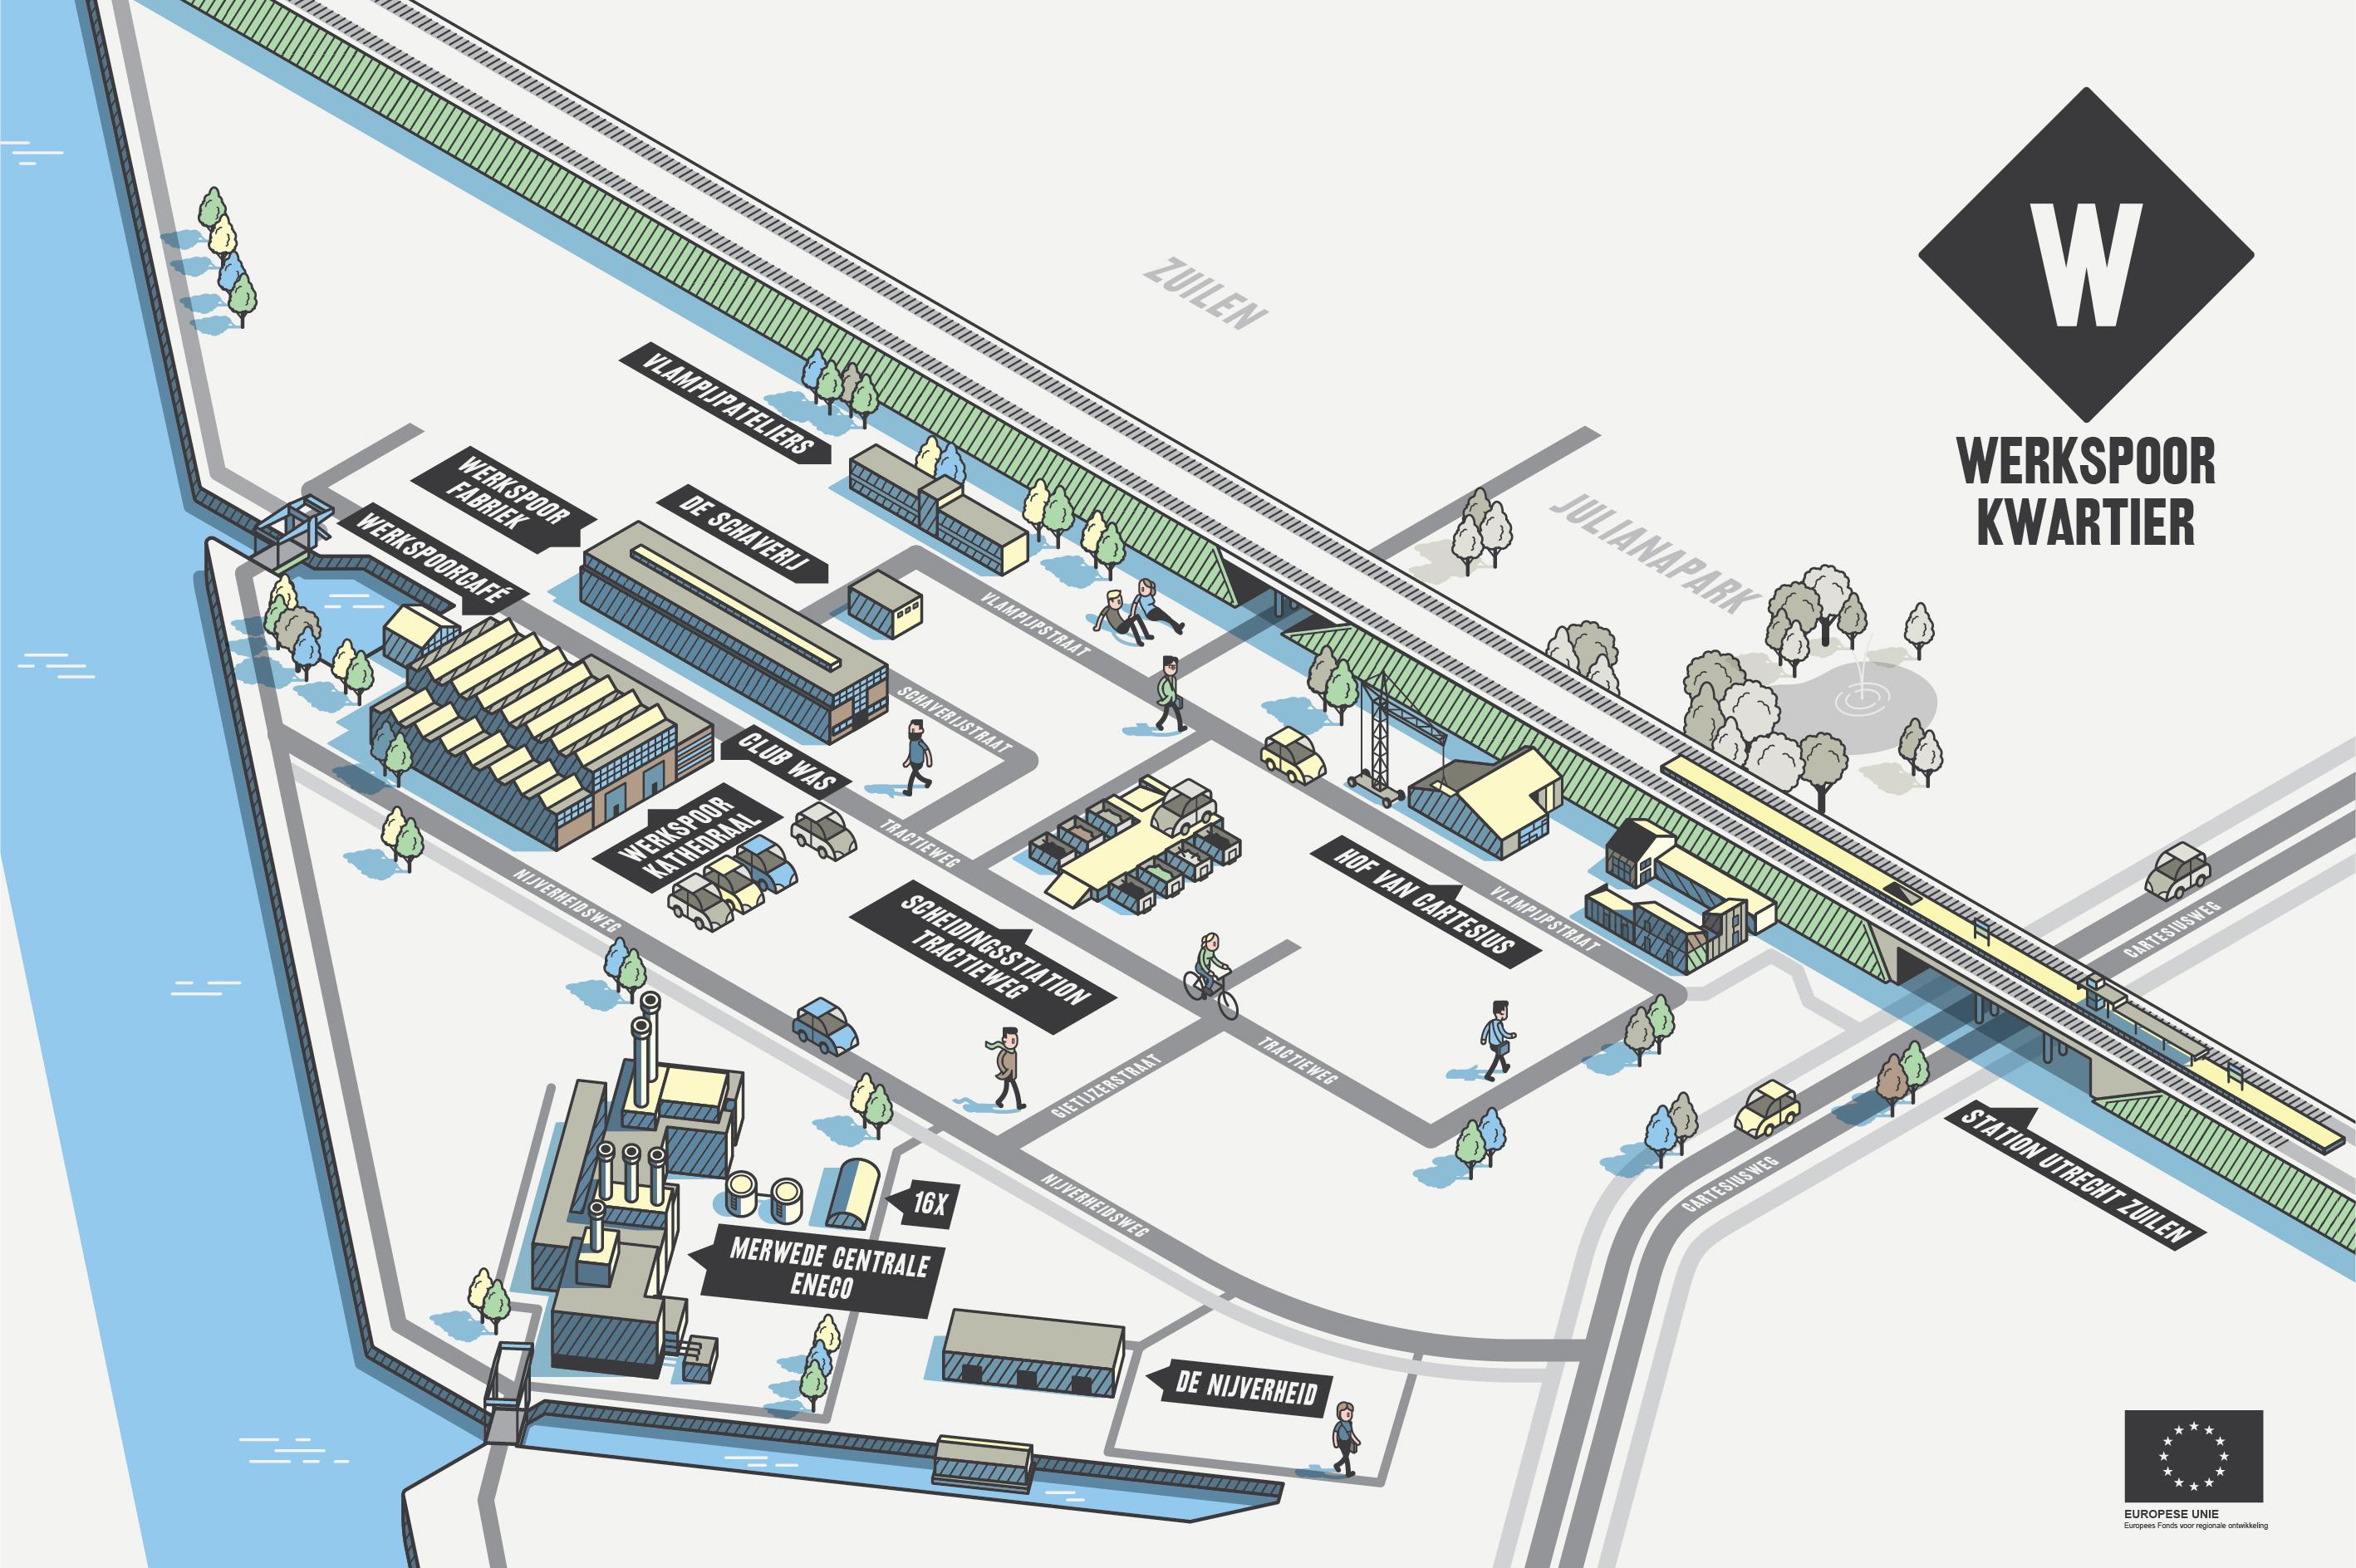 werkspoorkwartier locaties overzicht